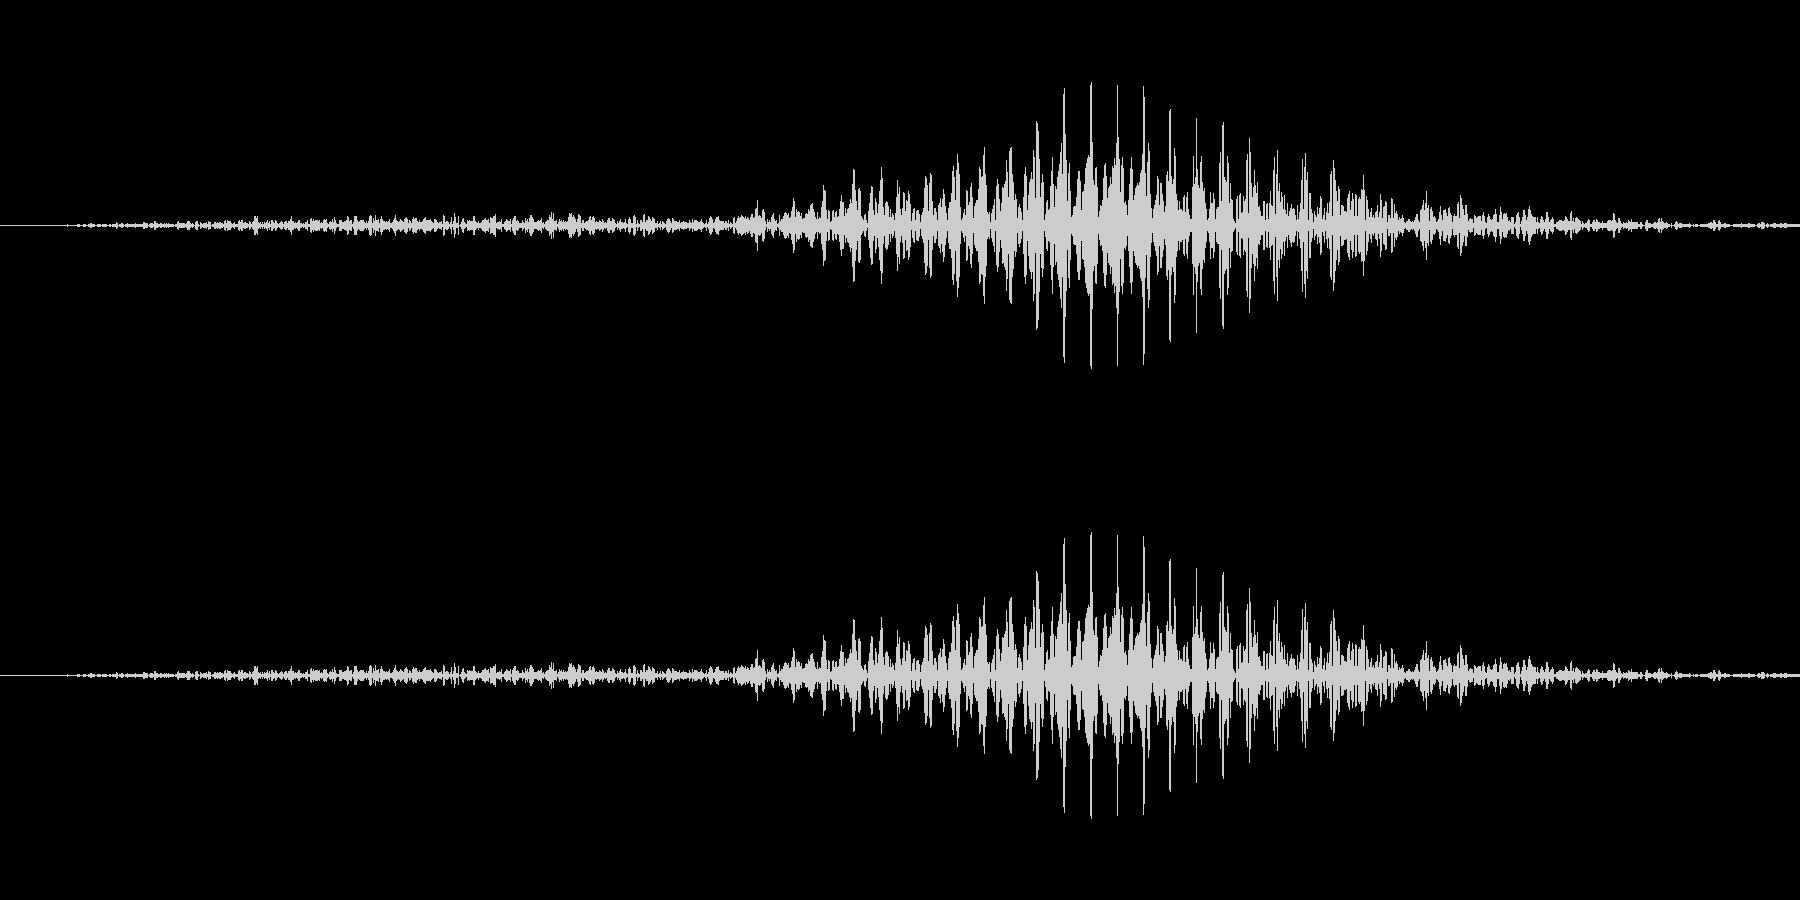 は!(格闘系の声)の未再生の波形